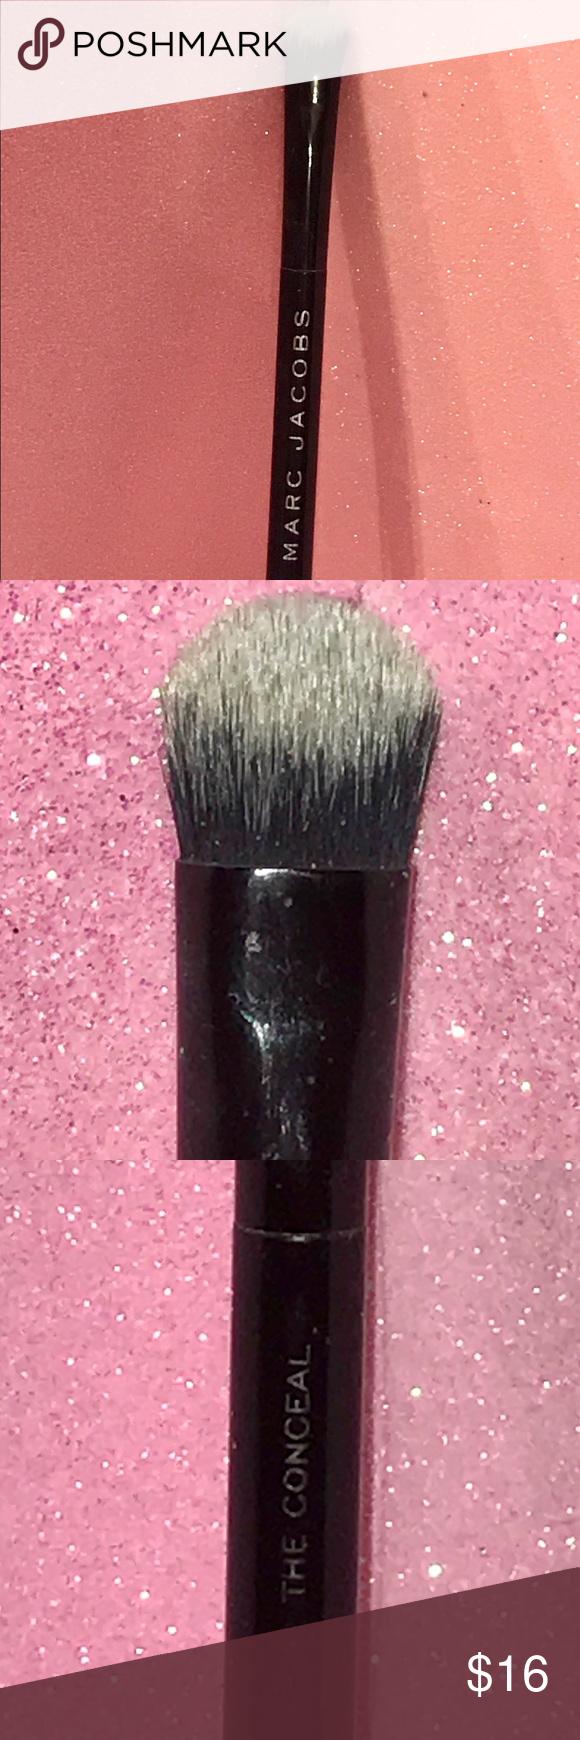 Marc Jacobs Concealer Correcting Makeup Brush Makeup